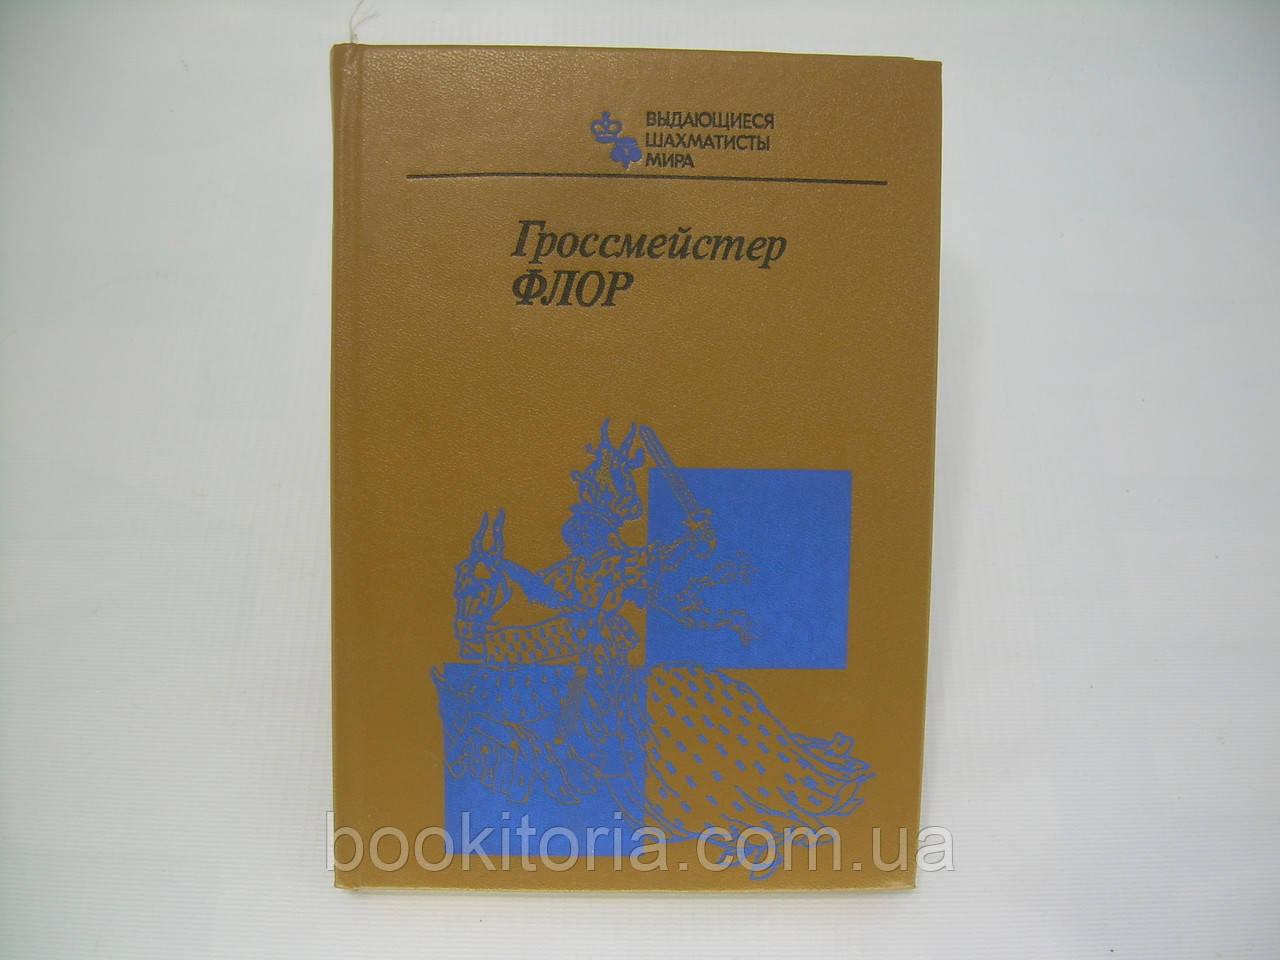 Гроссмейстер Флор (б/у).